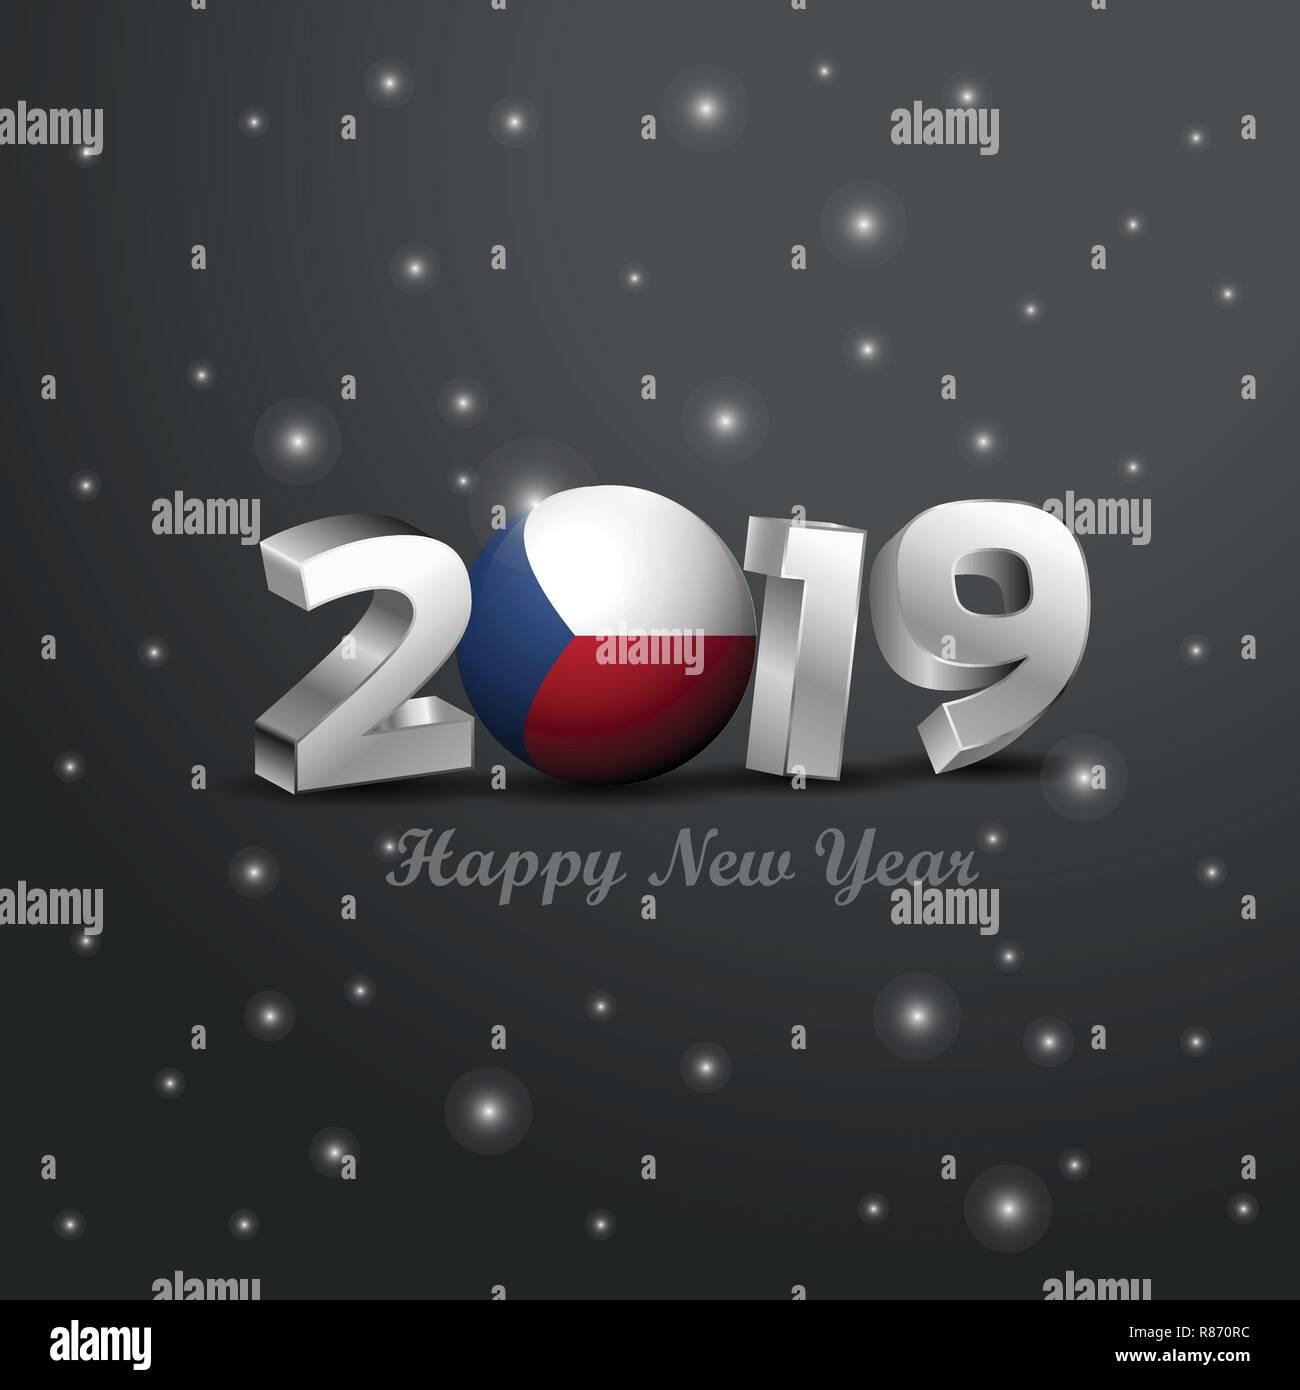 Frohe Weihnachten Und Ein Gutes Neues Jahr Tschechisch.2019 Frohes Neues Jahr Tschechische Republik Flagge